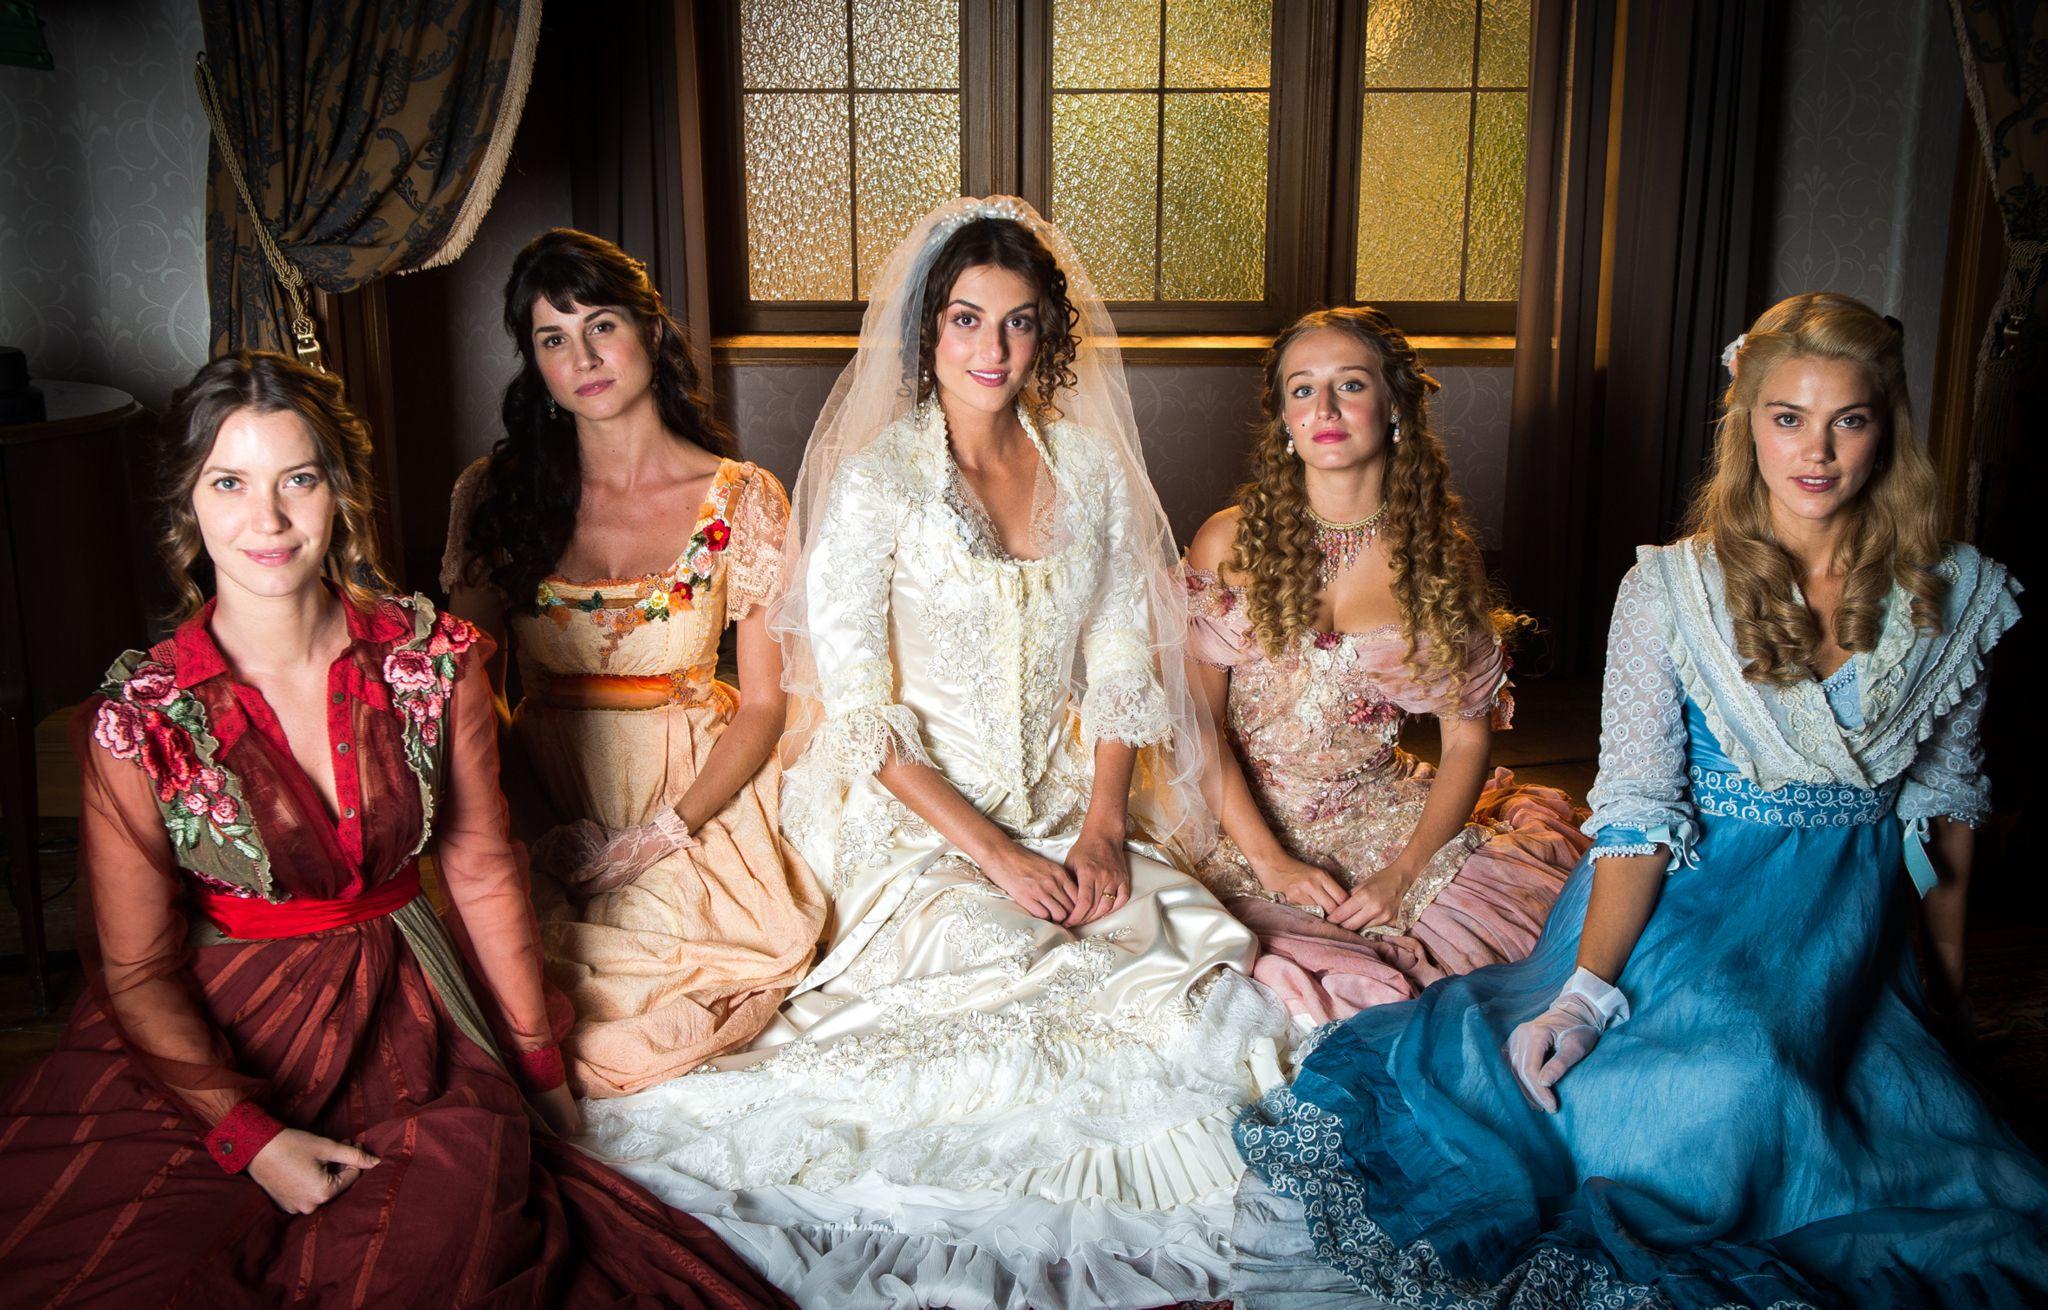 The five daughters of the Benedito family in the Brazilian soap opera Orgulho e Paixão